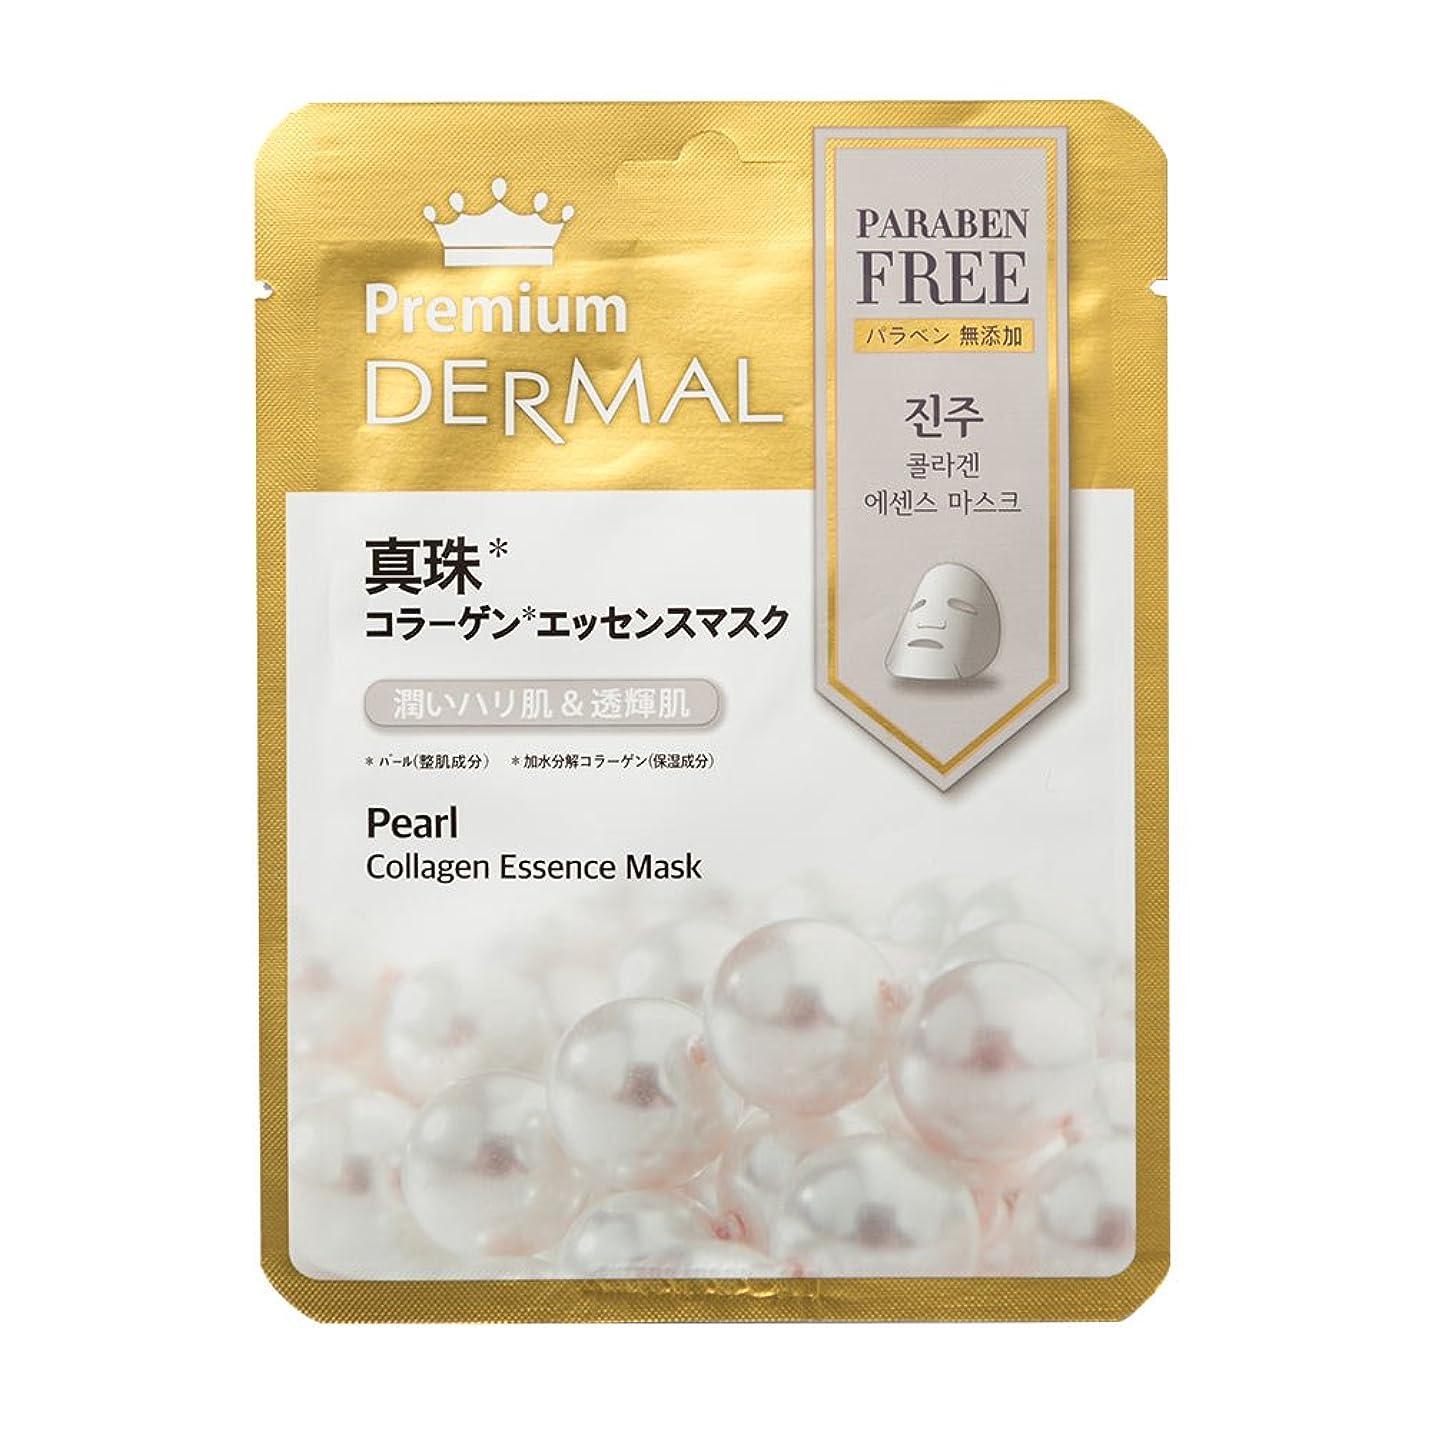 トランクライブラリに変わる白菜ダーマルプレミアム コラーゲンエッセンスマスク DP03 真珠 25ml/1枚